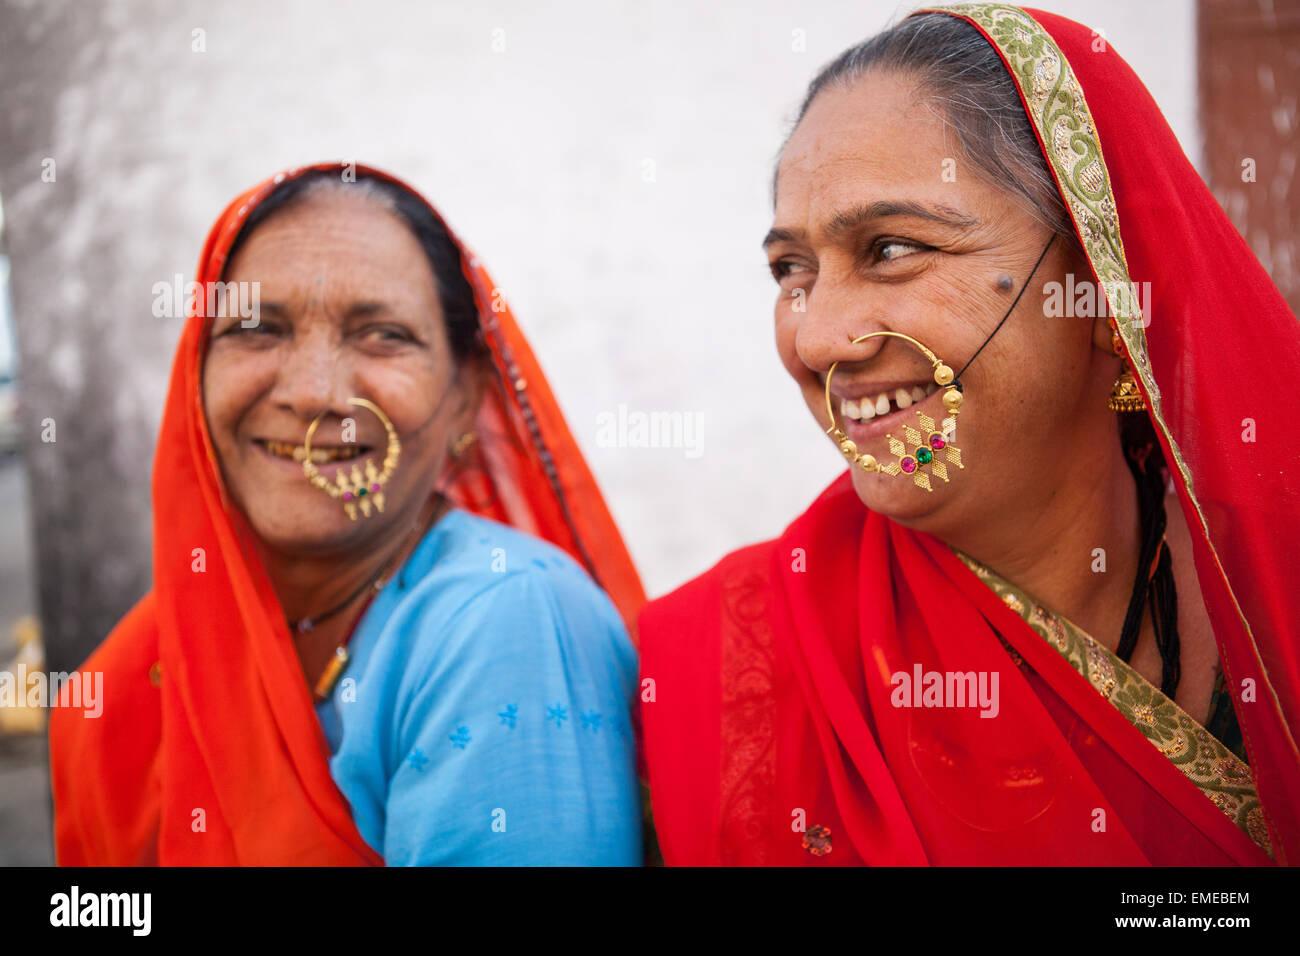 Rajasthani tribal women with nose rings in Kekri, Rajasthan - Stock Image